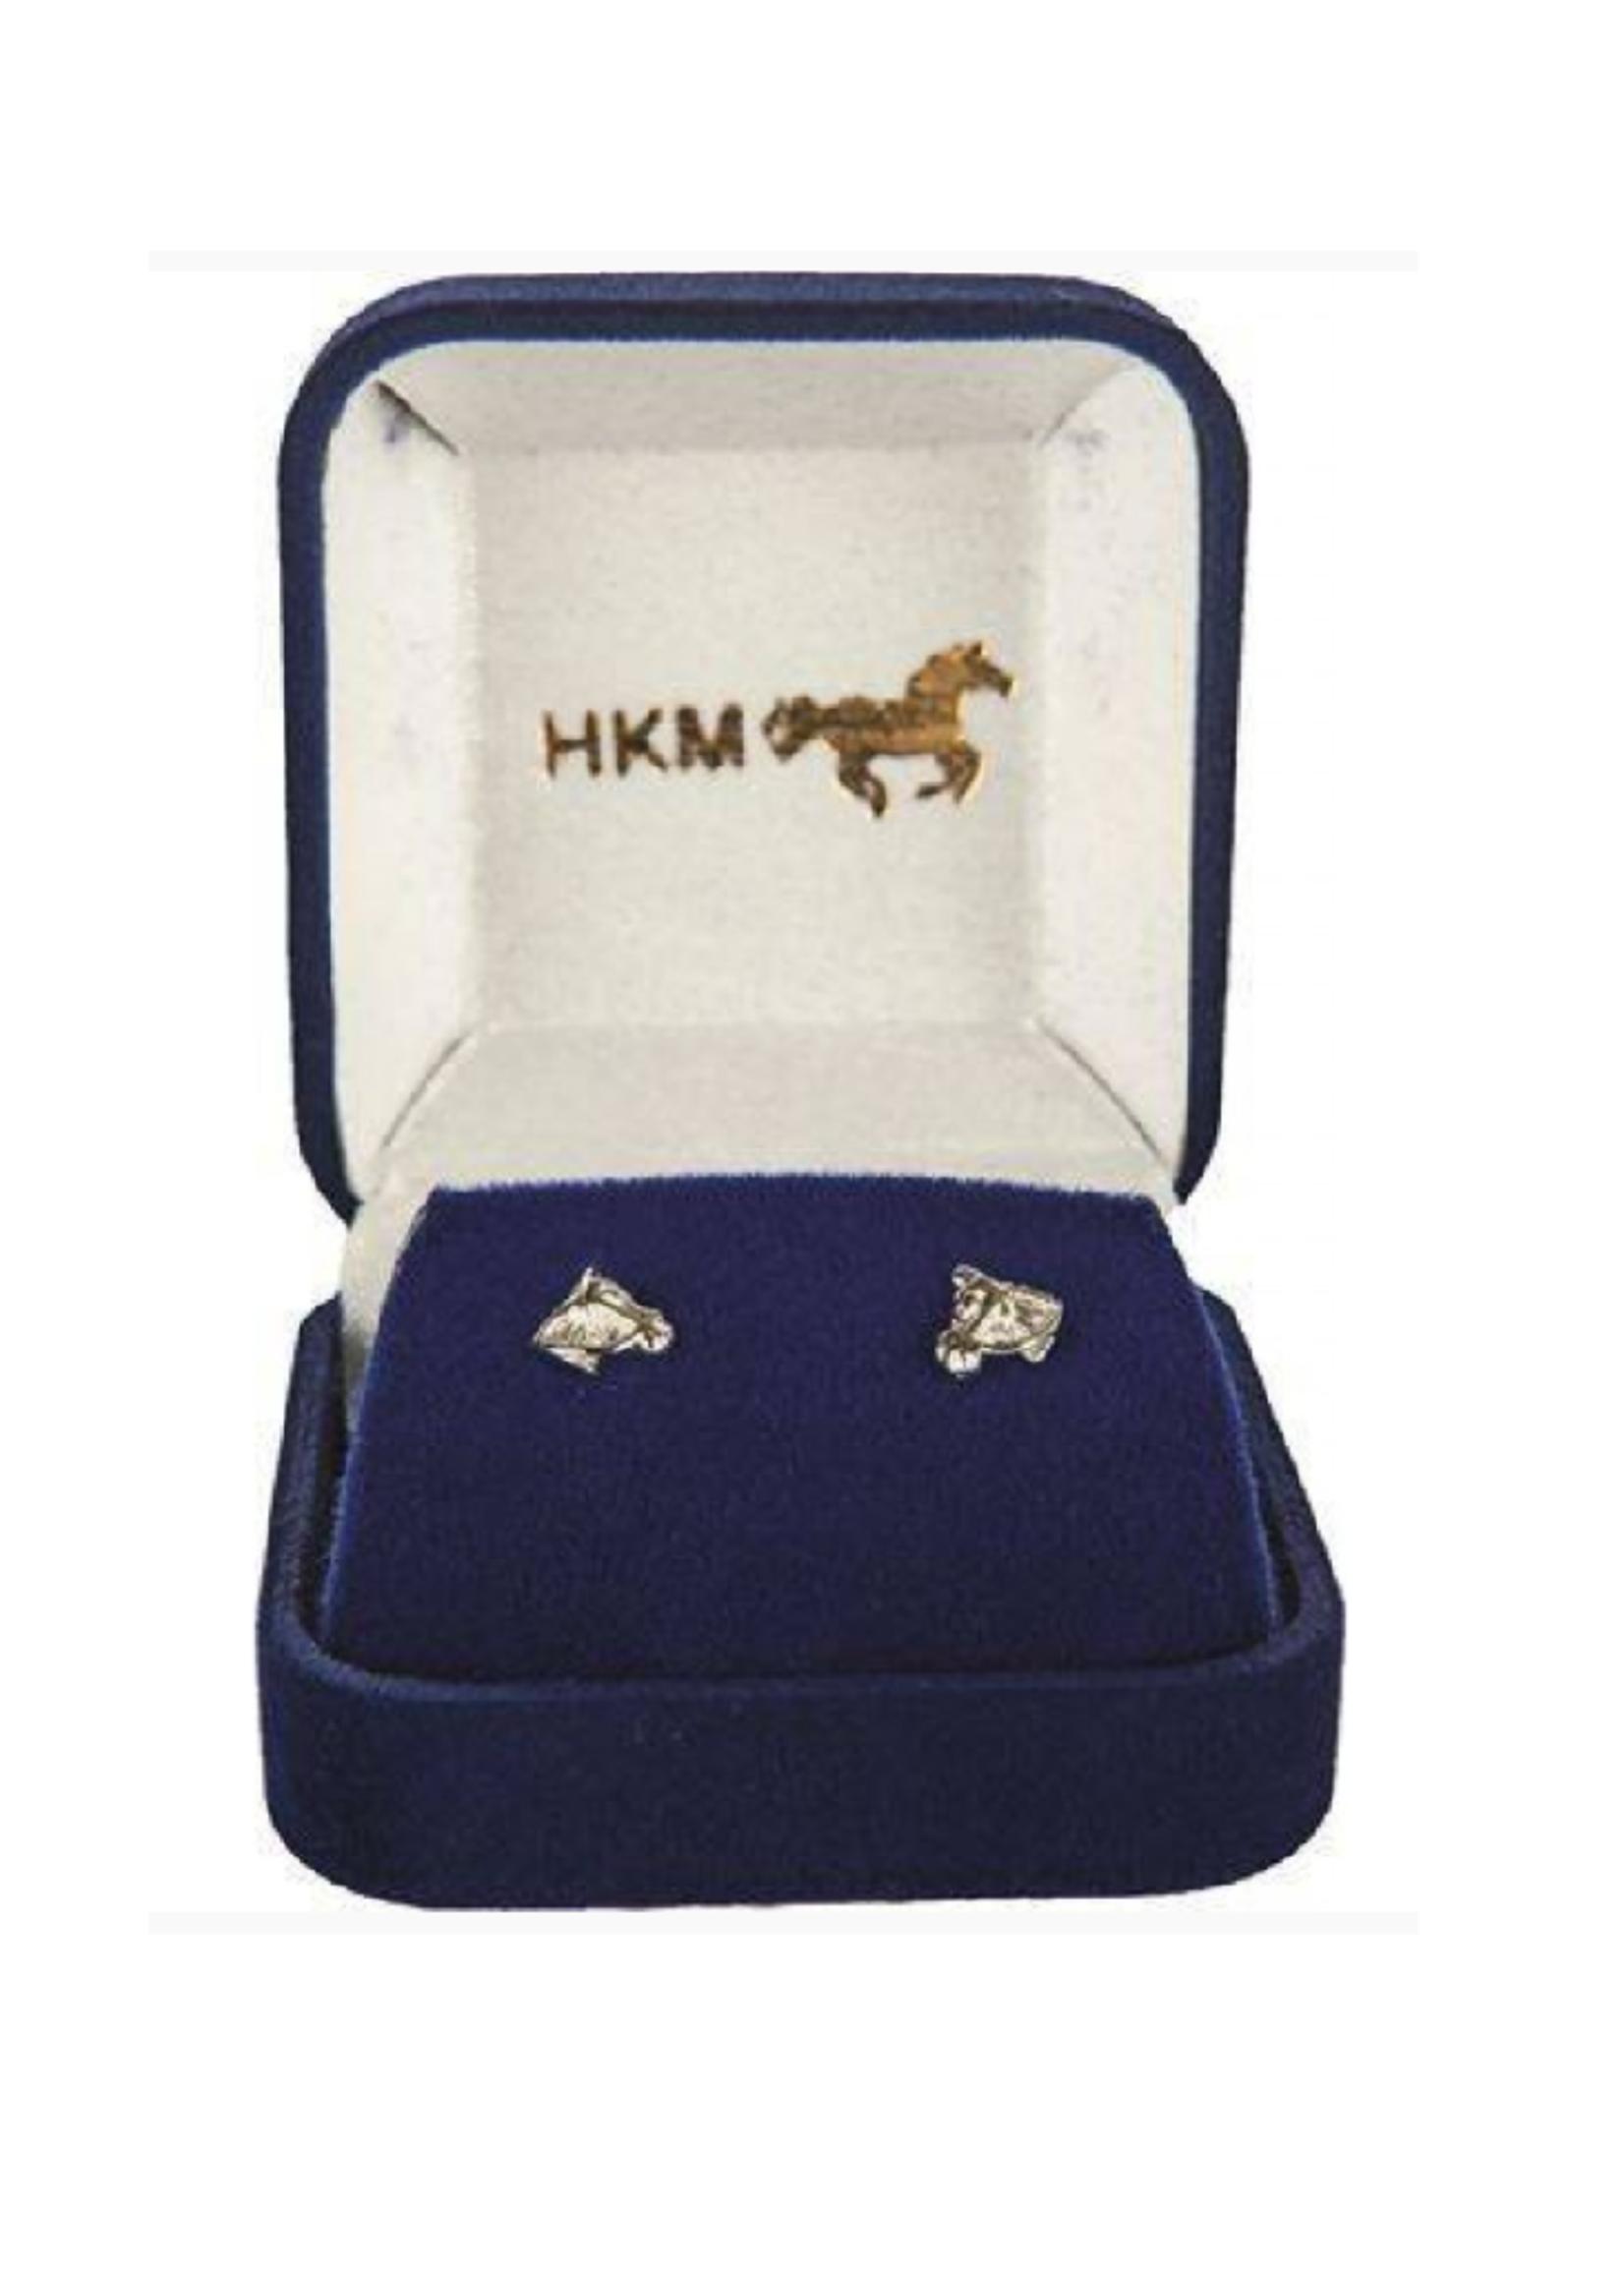 HKM HKM Oorbel Paard